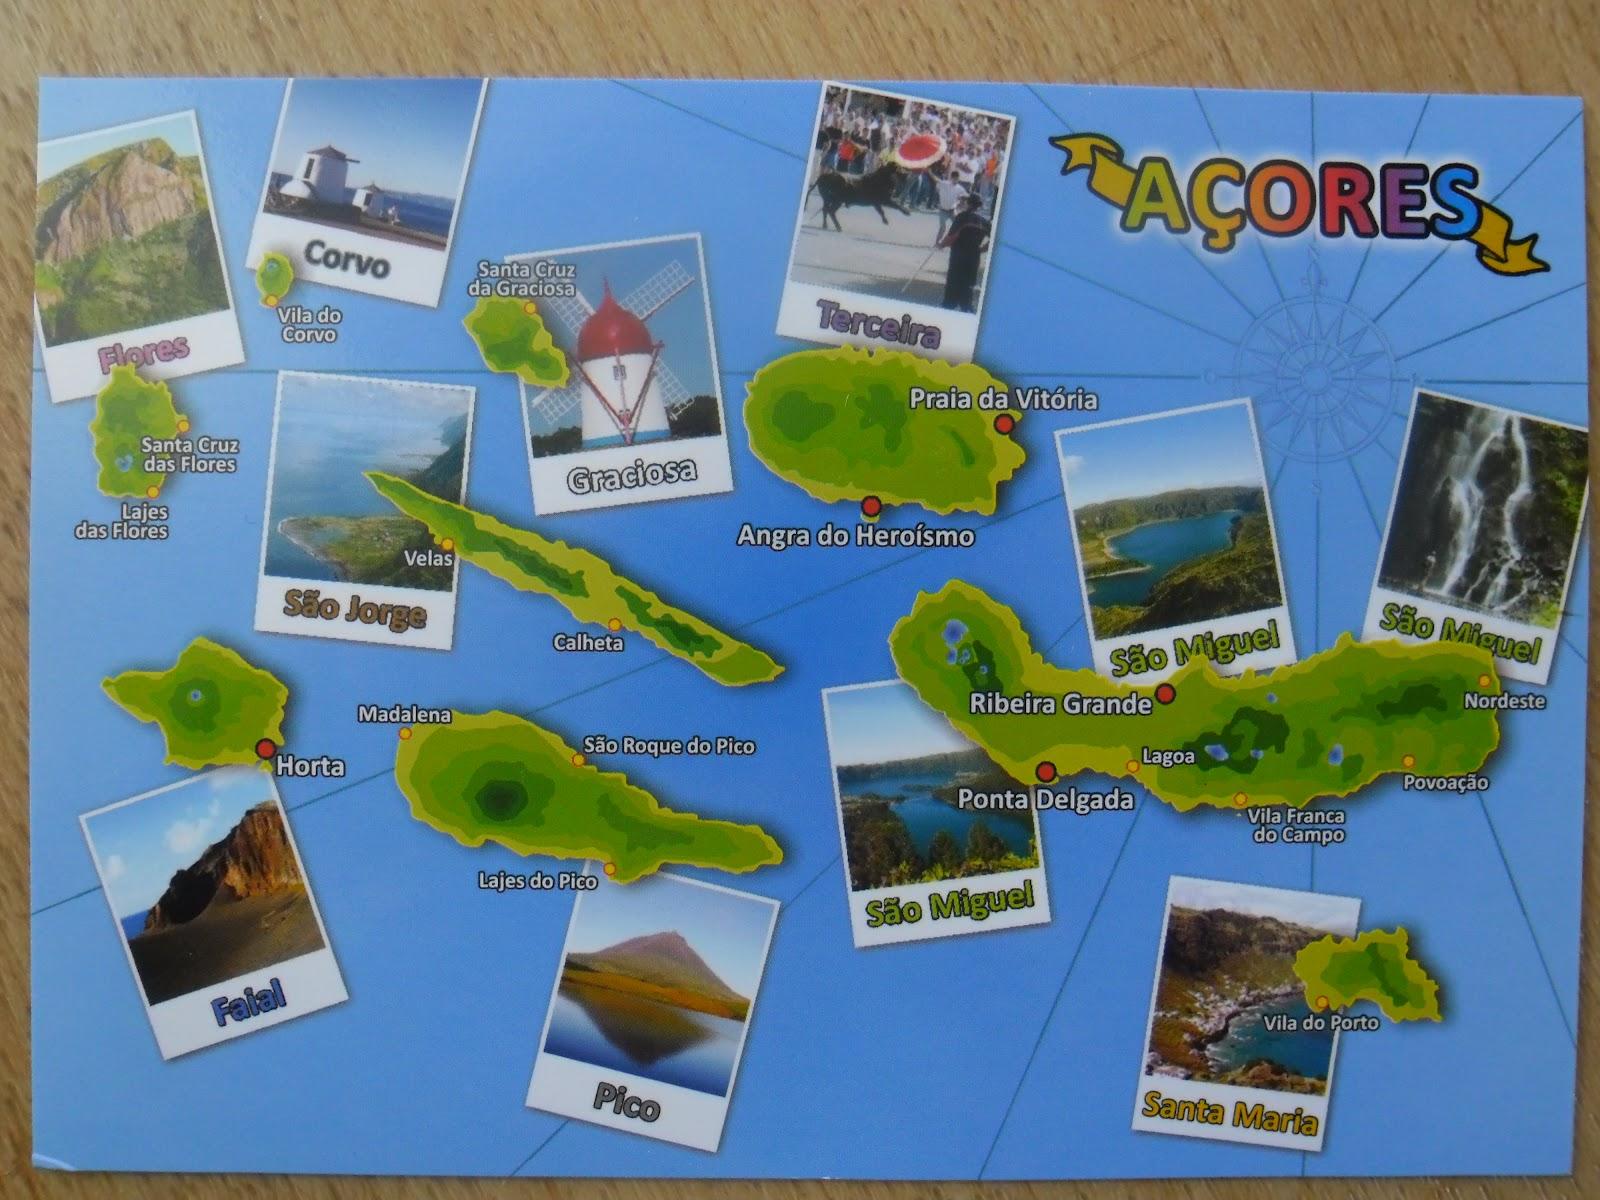 mapa das 9 ilhas dos açores AÇORES   Quiosques de Turismo   NEWS ARTAZORES: Os Nomes das Ilhas  mapa das 9 ilhas dos açores